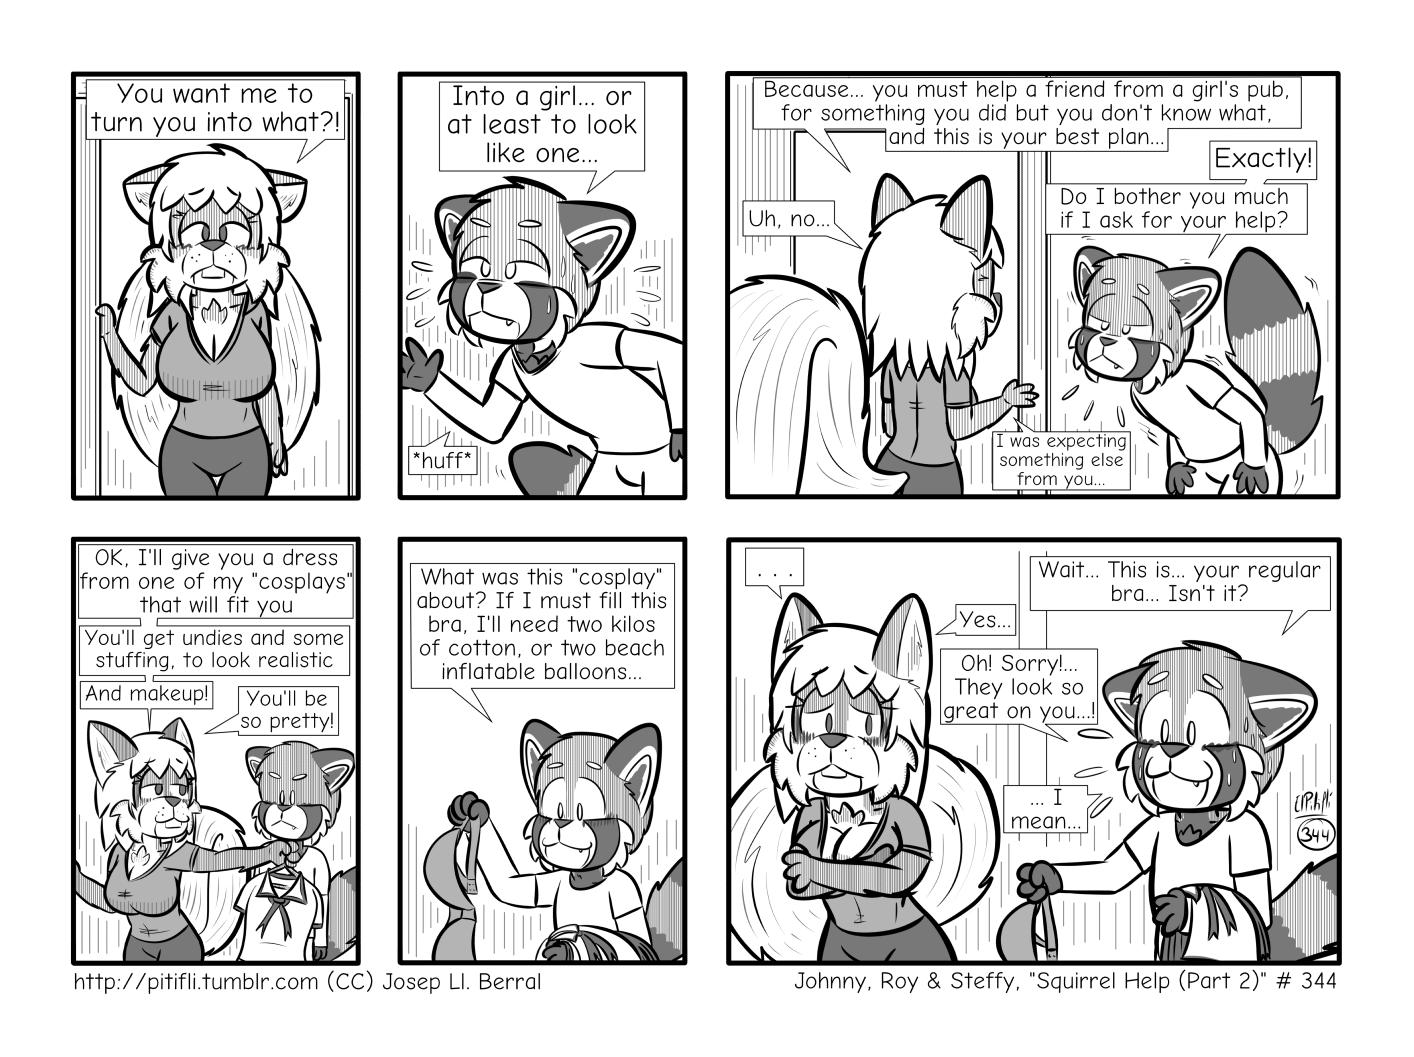 Squirrel Help (Part 2)